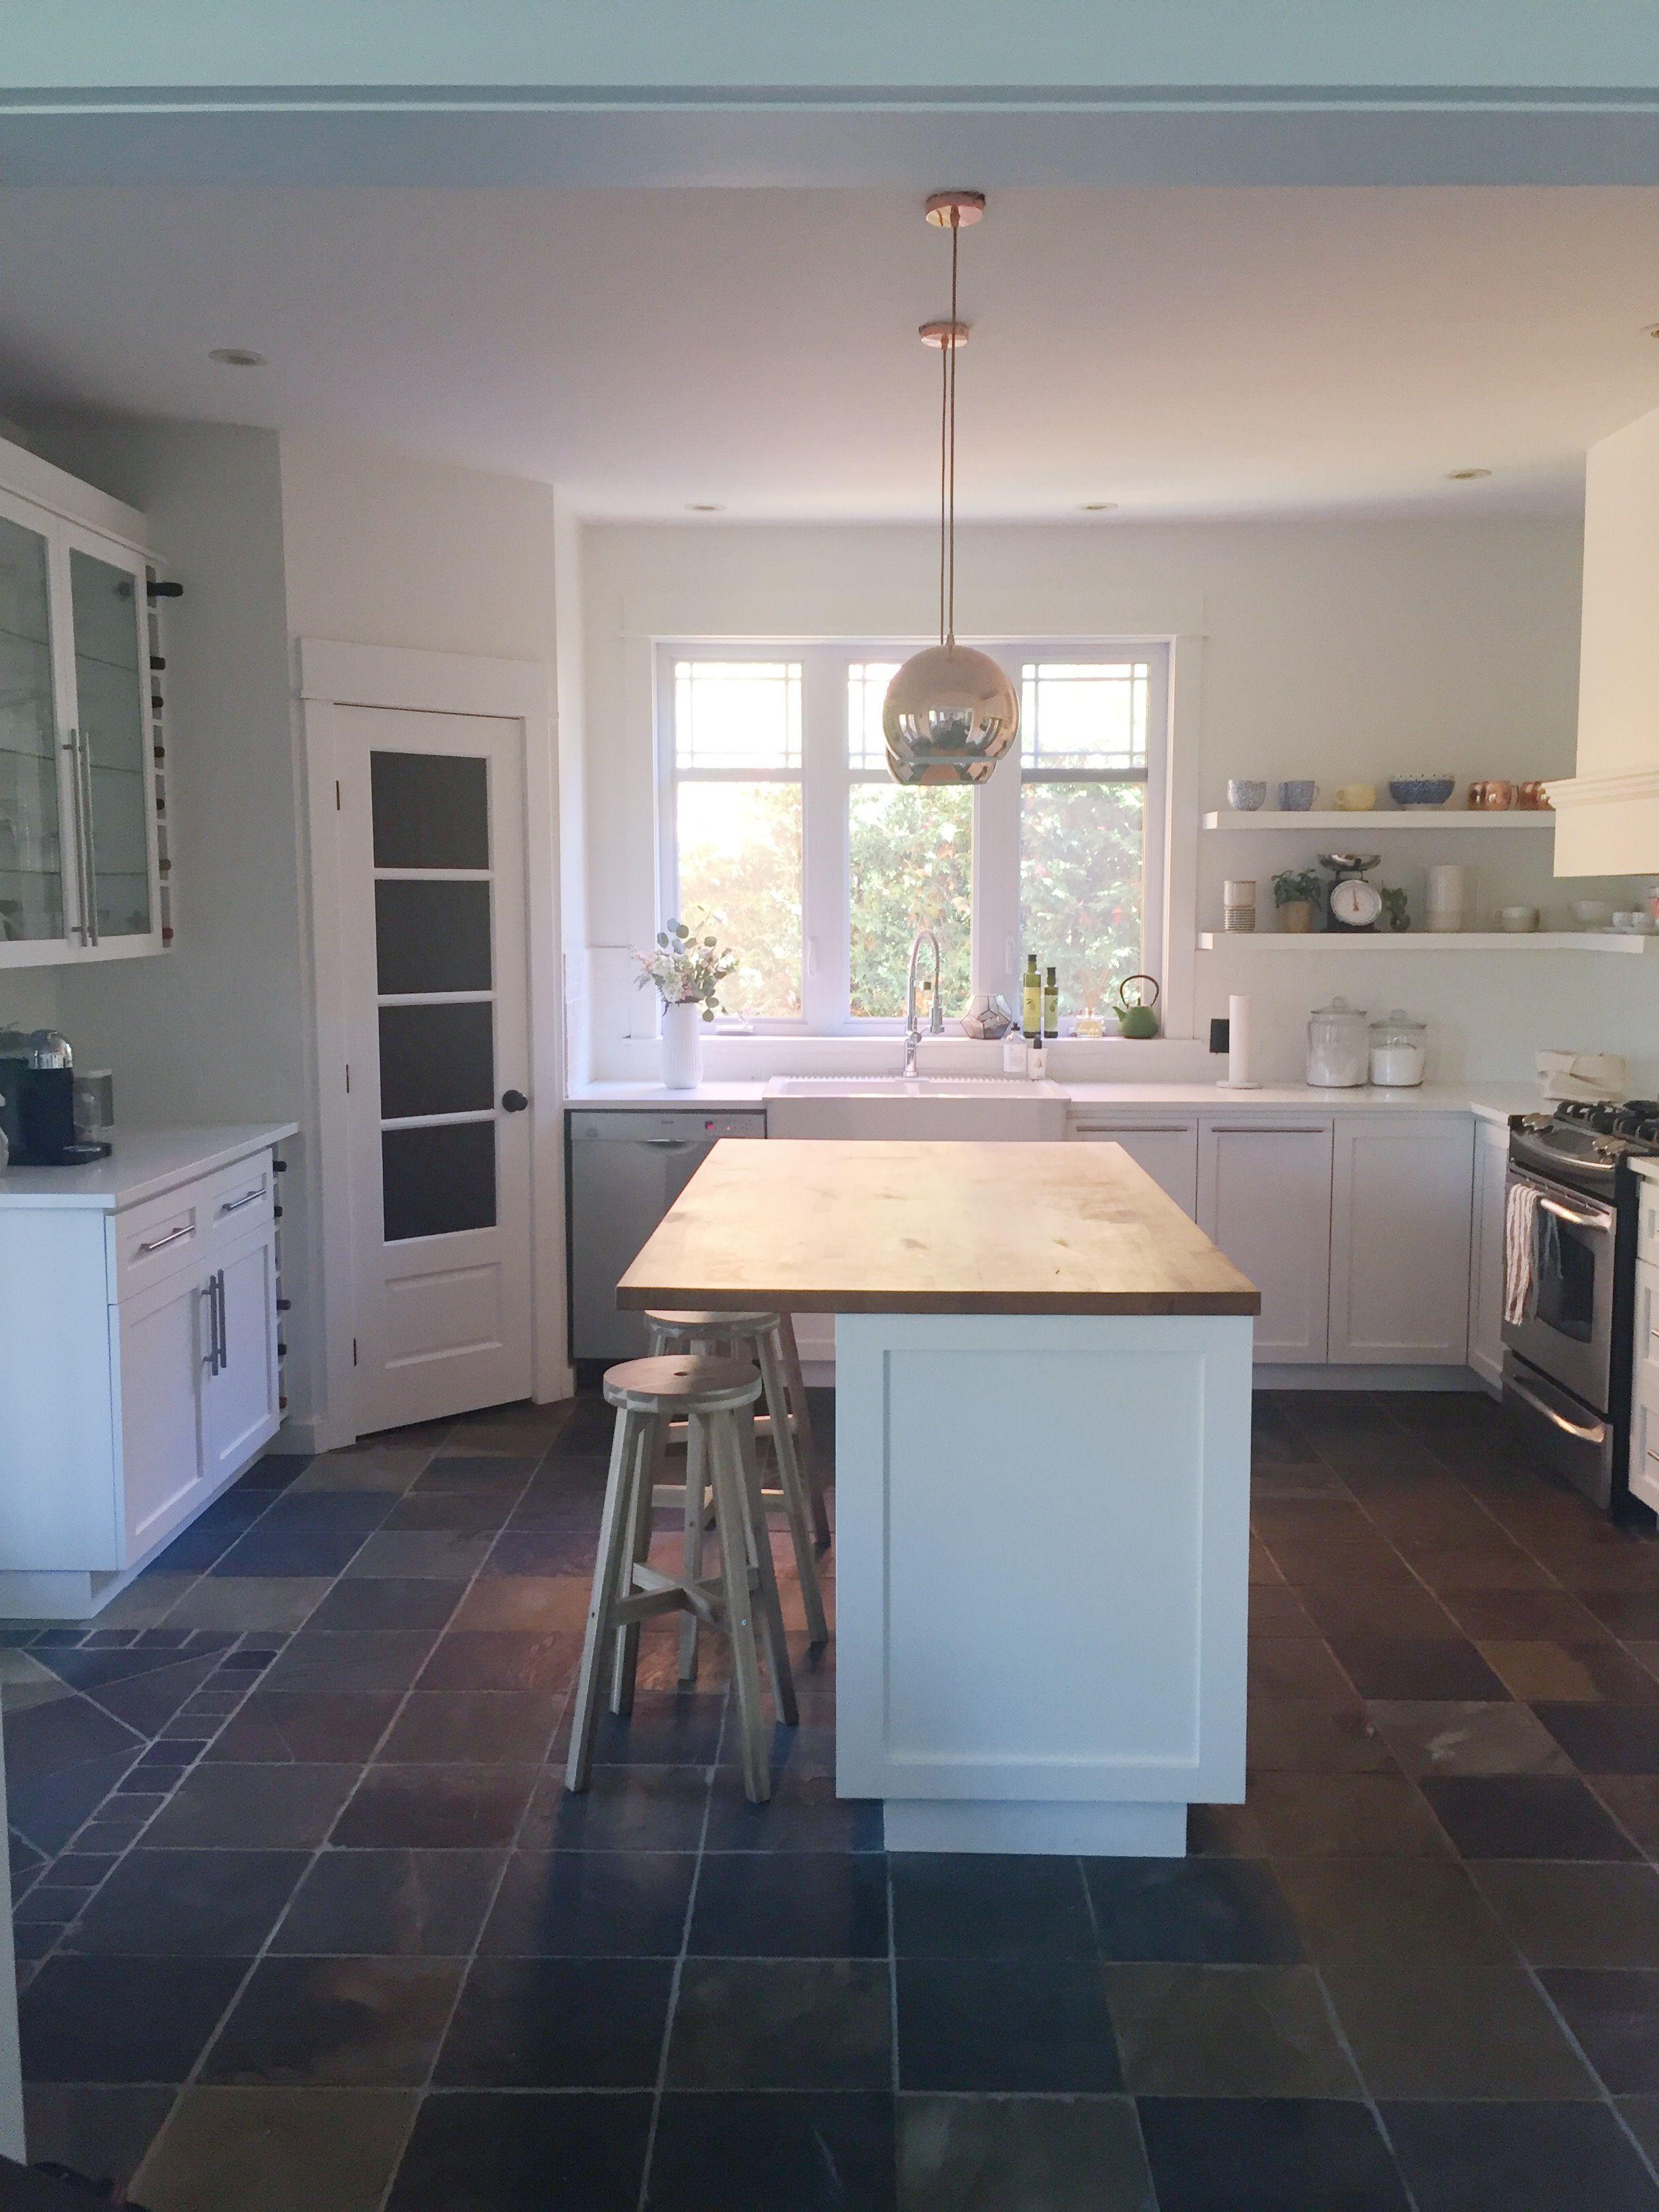 Les travaux de rénovation dans ma cuisine sont maintenant terminés depuis un moment. Voici le déroulement et le résultat du tout le projet!